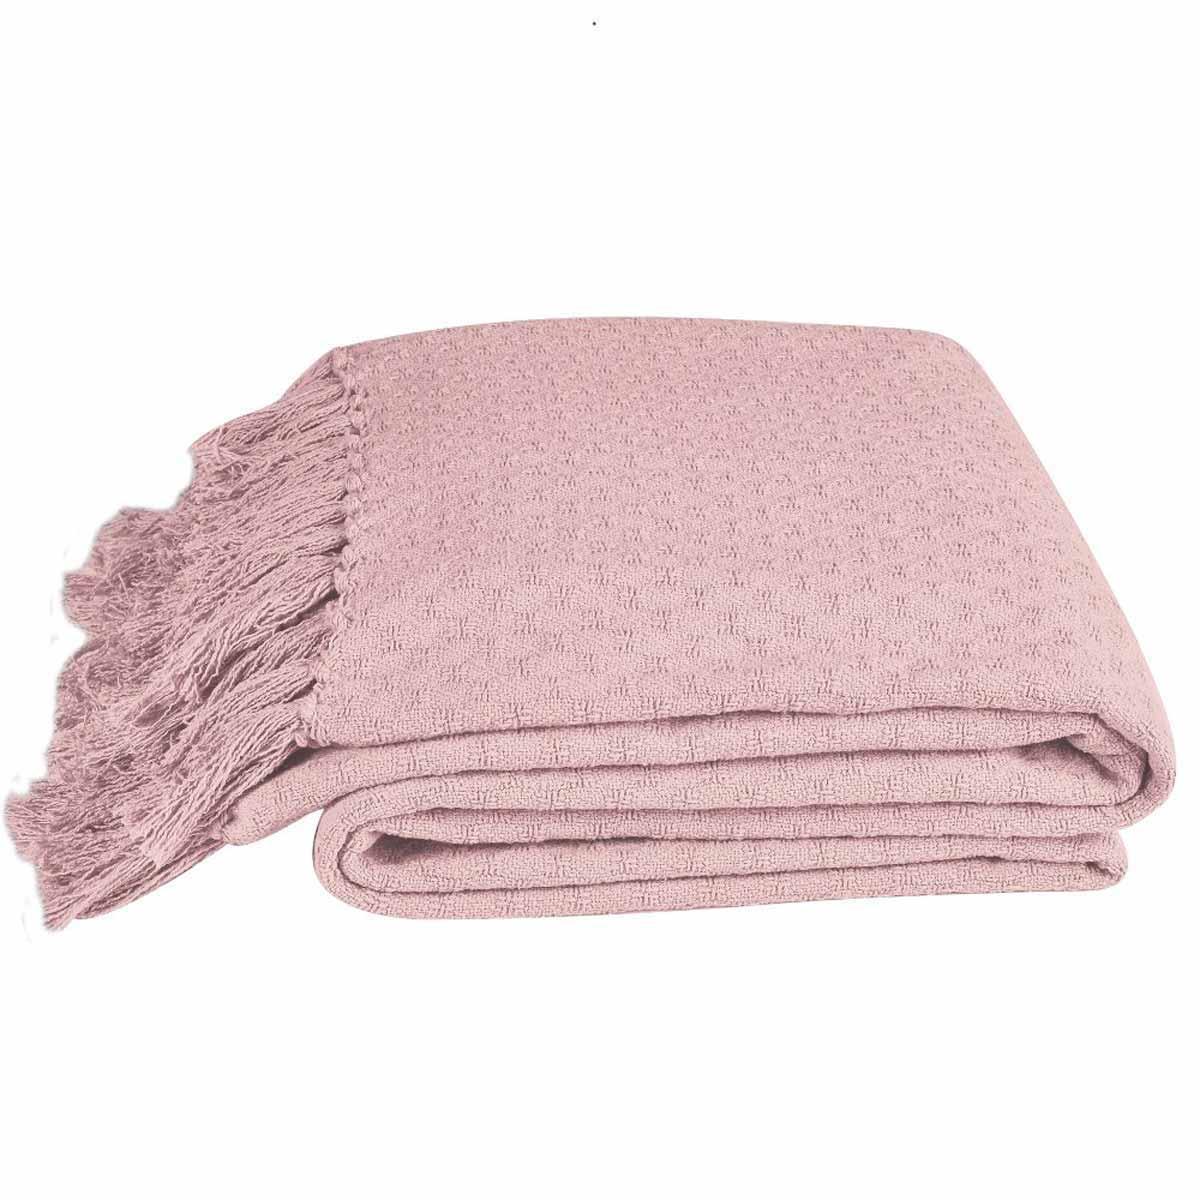 Κουβέρτα Πλεκτή Υπέρδιπλο 2 Όψεων Kentia Loft Priya 14